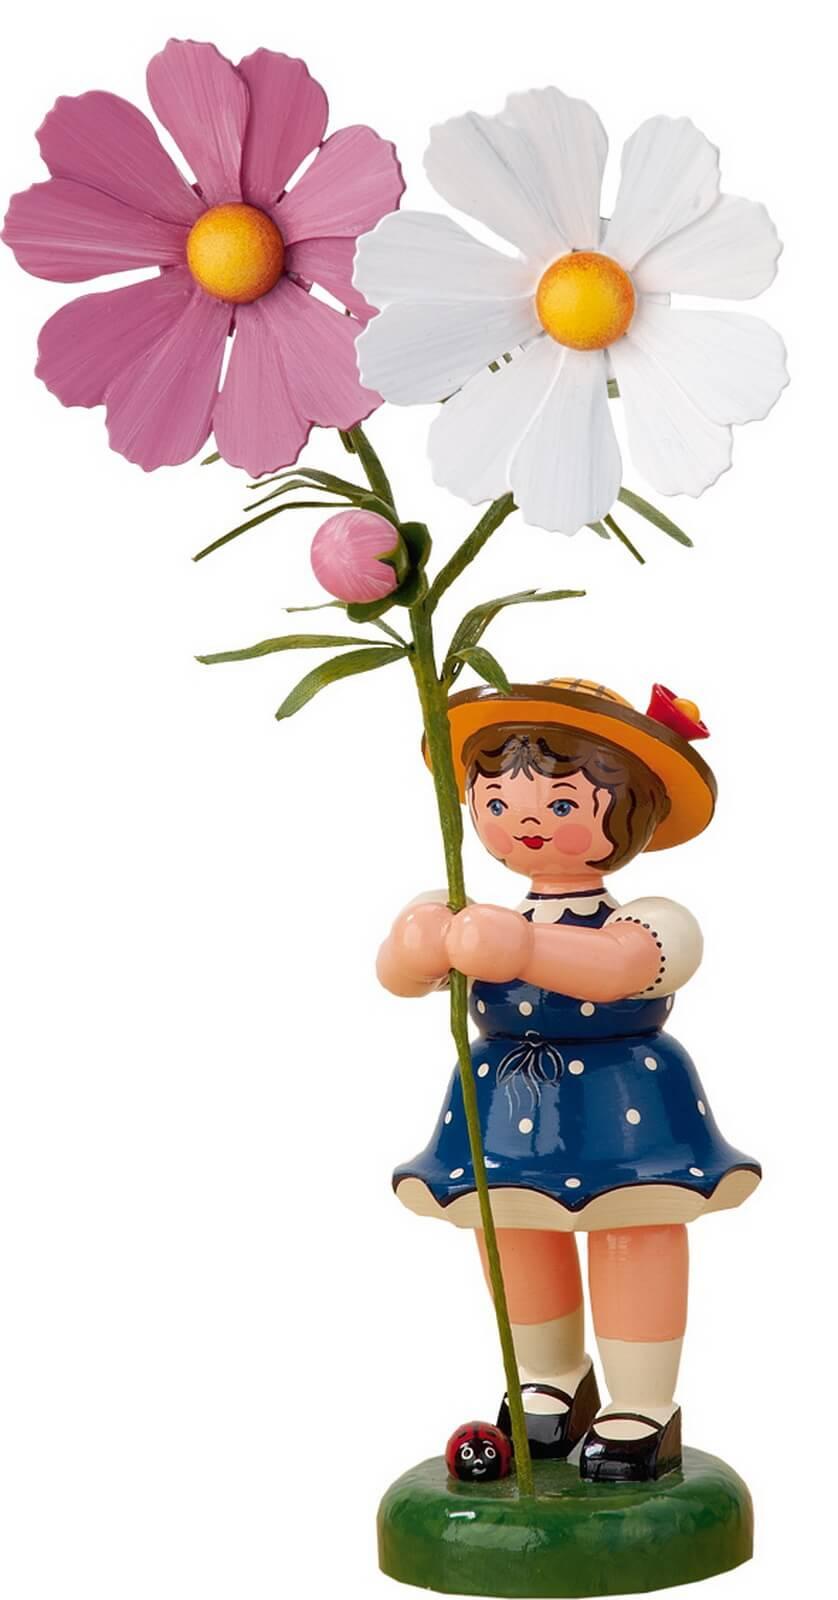 Mädchen mit Cosmea aus Holz aus der Serie Hubrig Blumenkinder